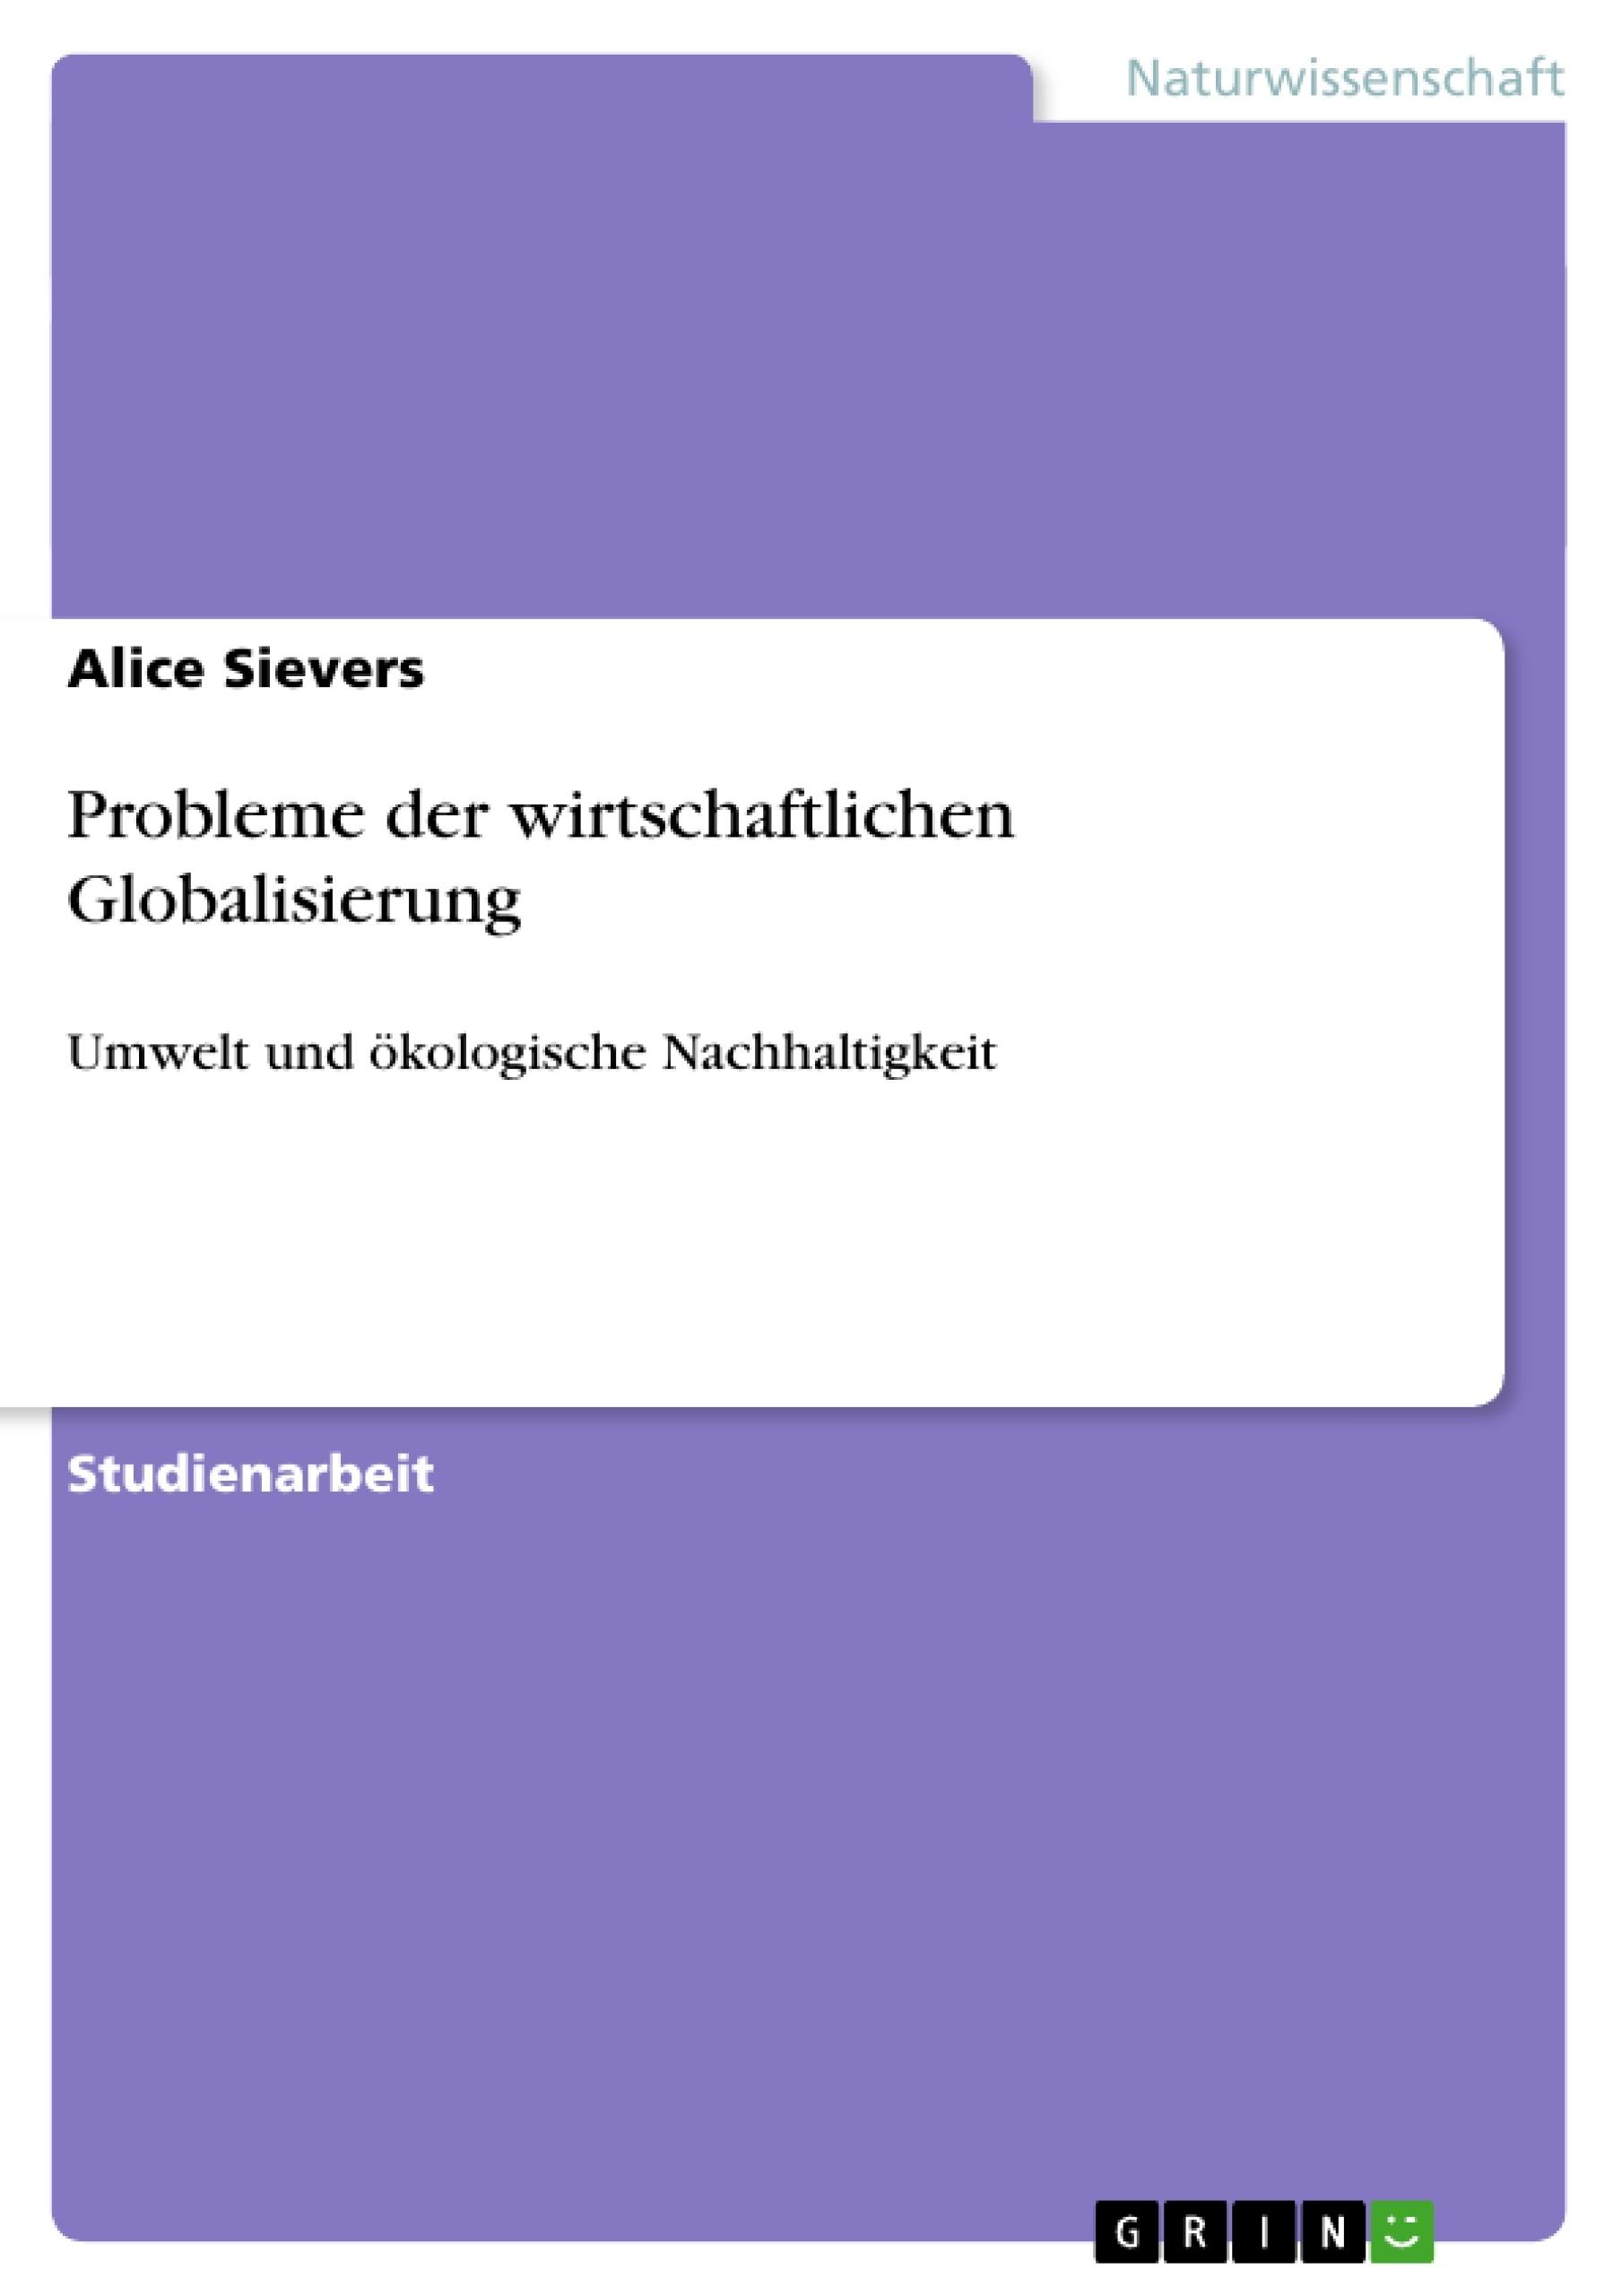 Titel: Probleme der wirtschaftlichen Globalisierung